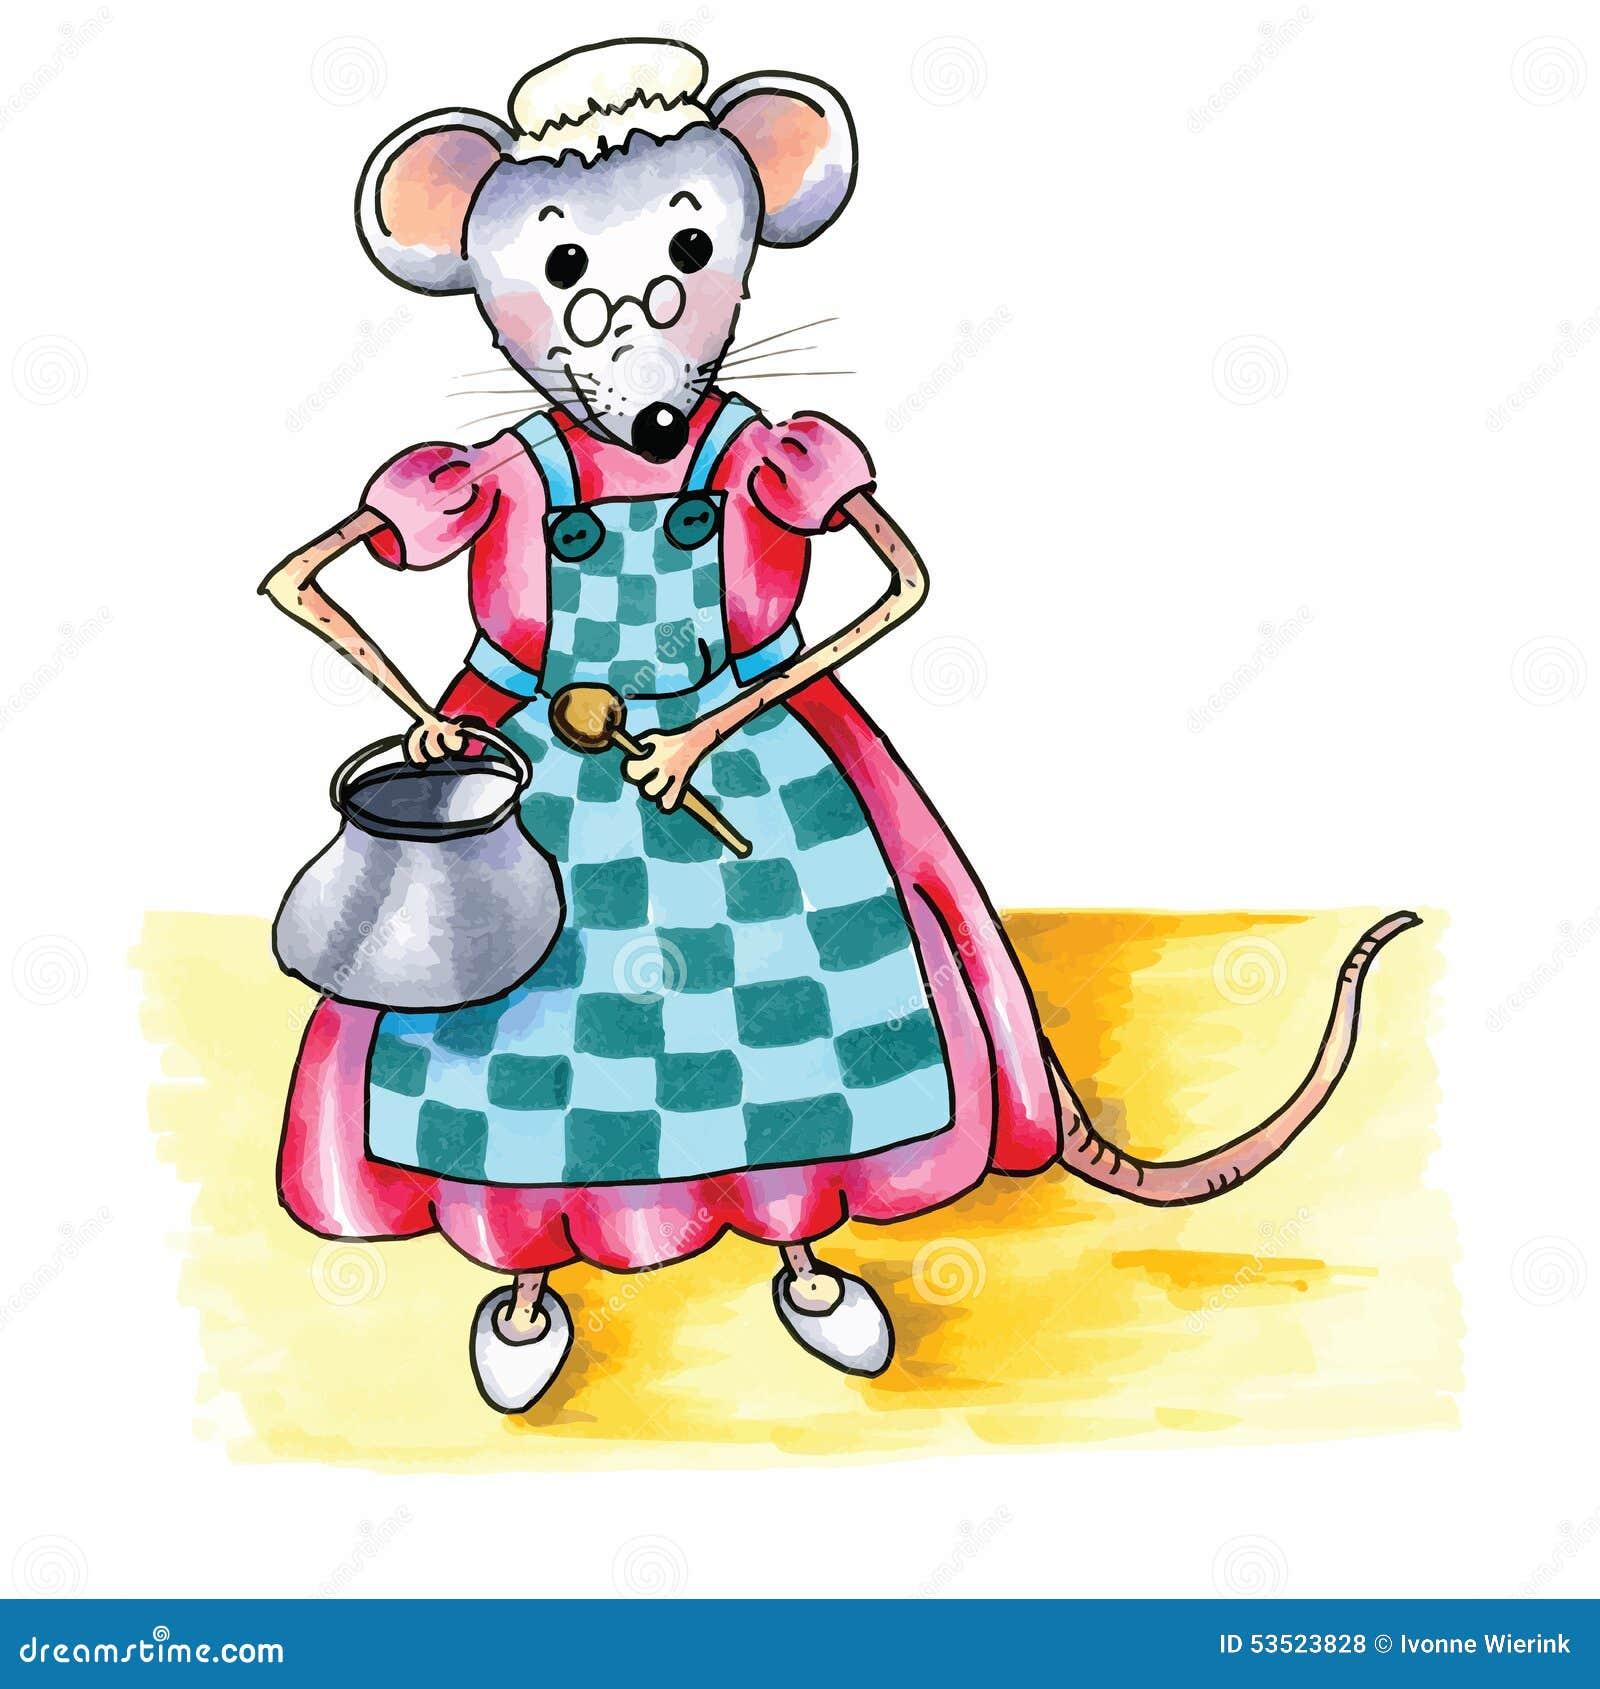 Znalezione obrazy dla zapytania mysz w kuchni ilustracja